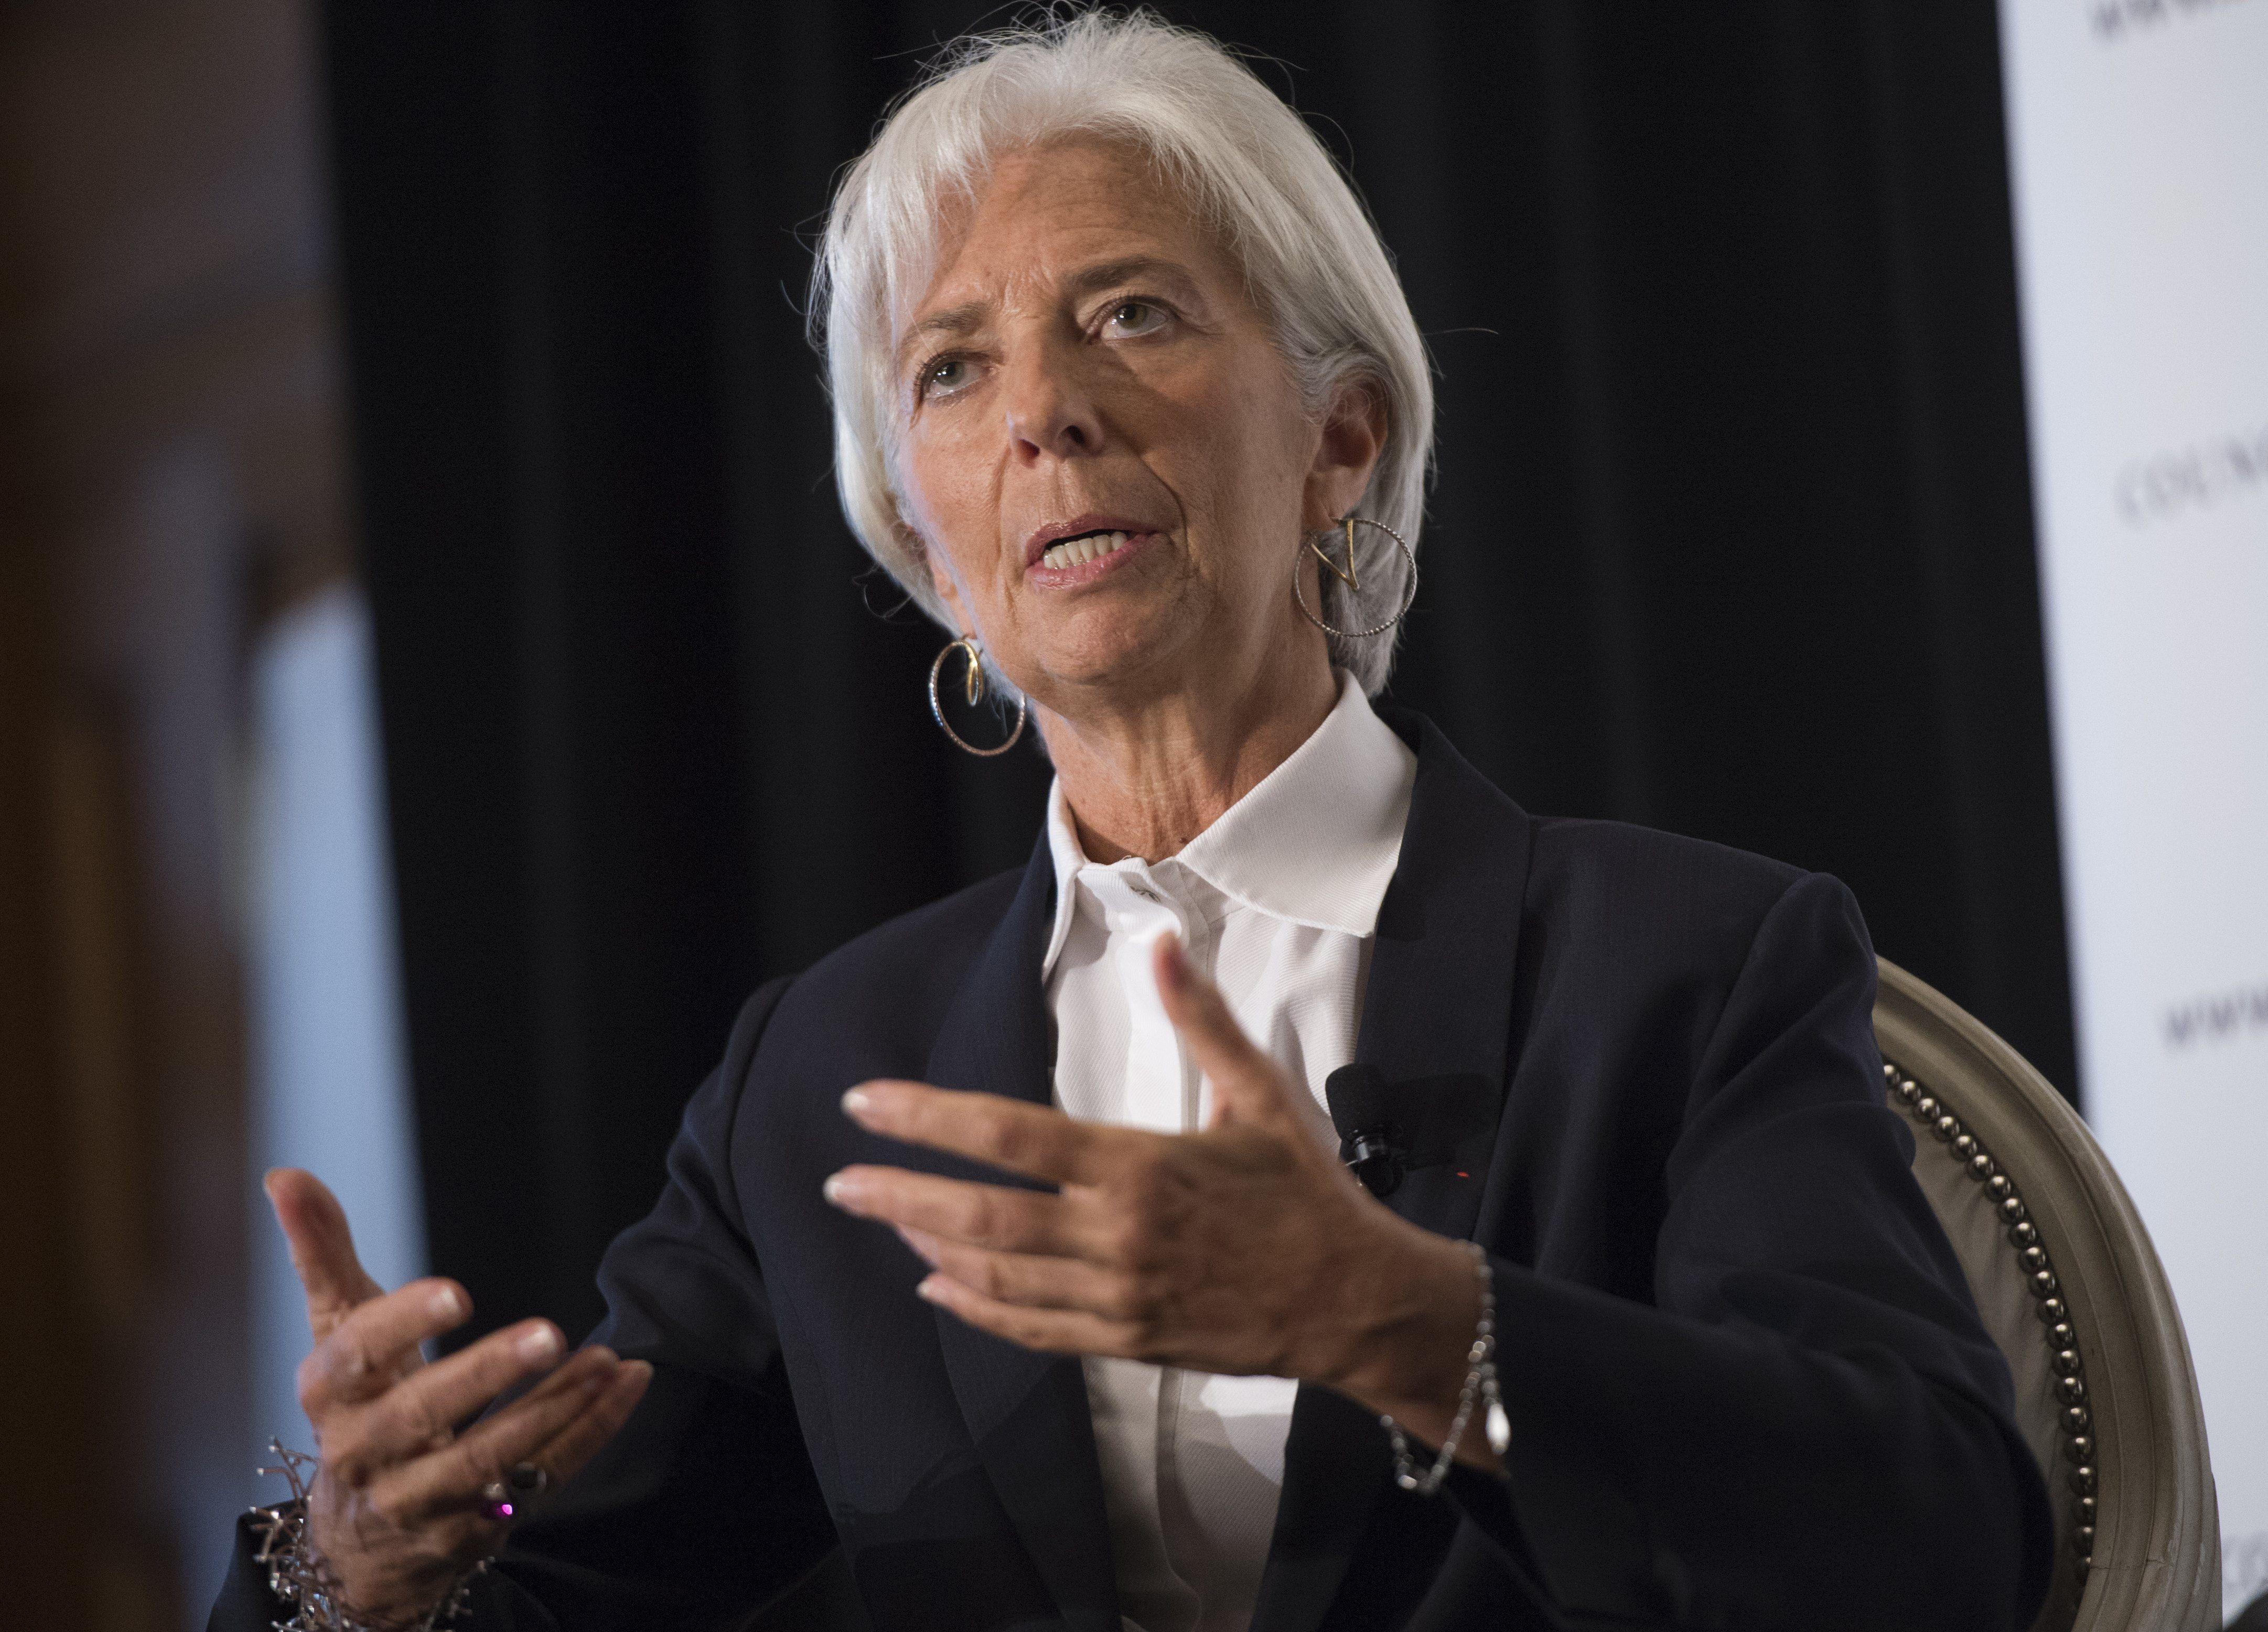 Francia juzgará a la presidenta del FMI acusada de estafa en banda organizada